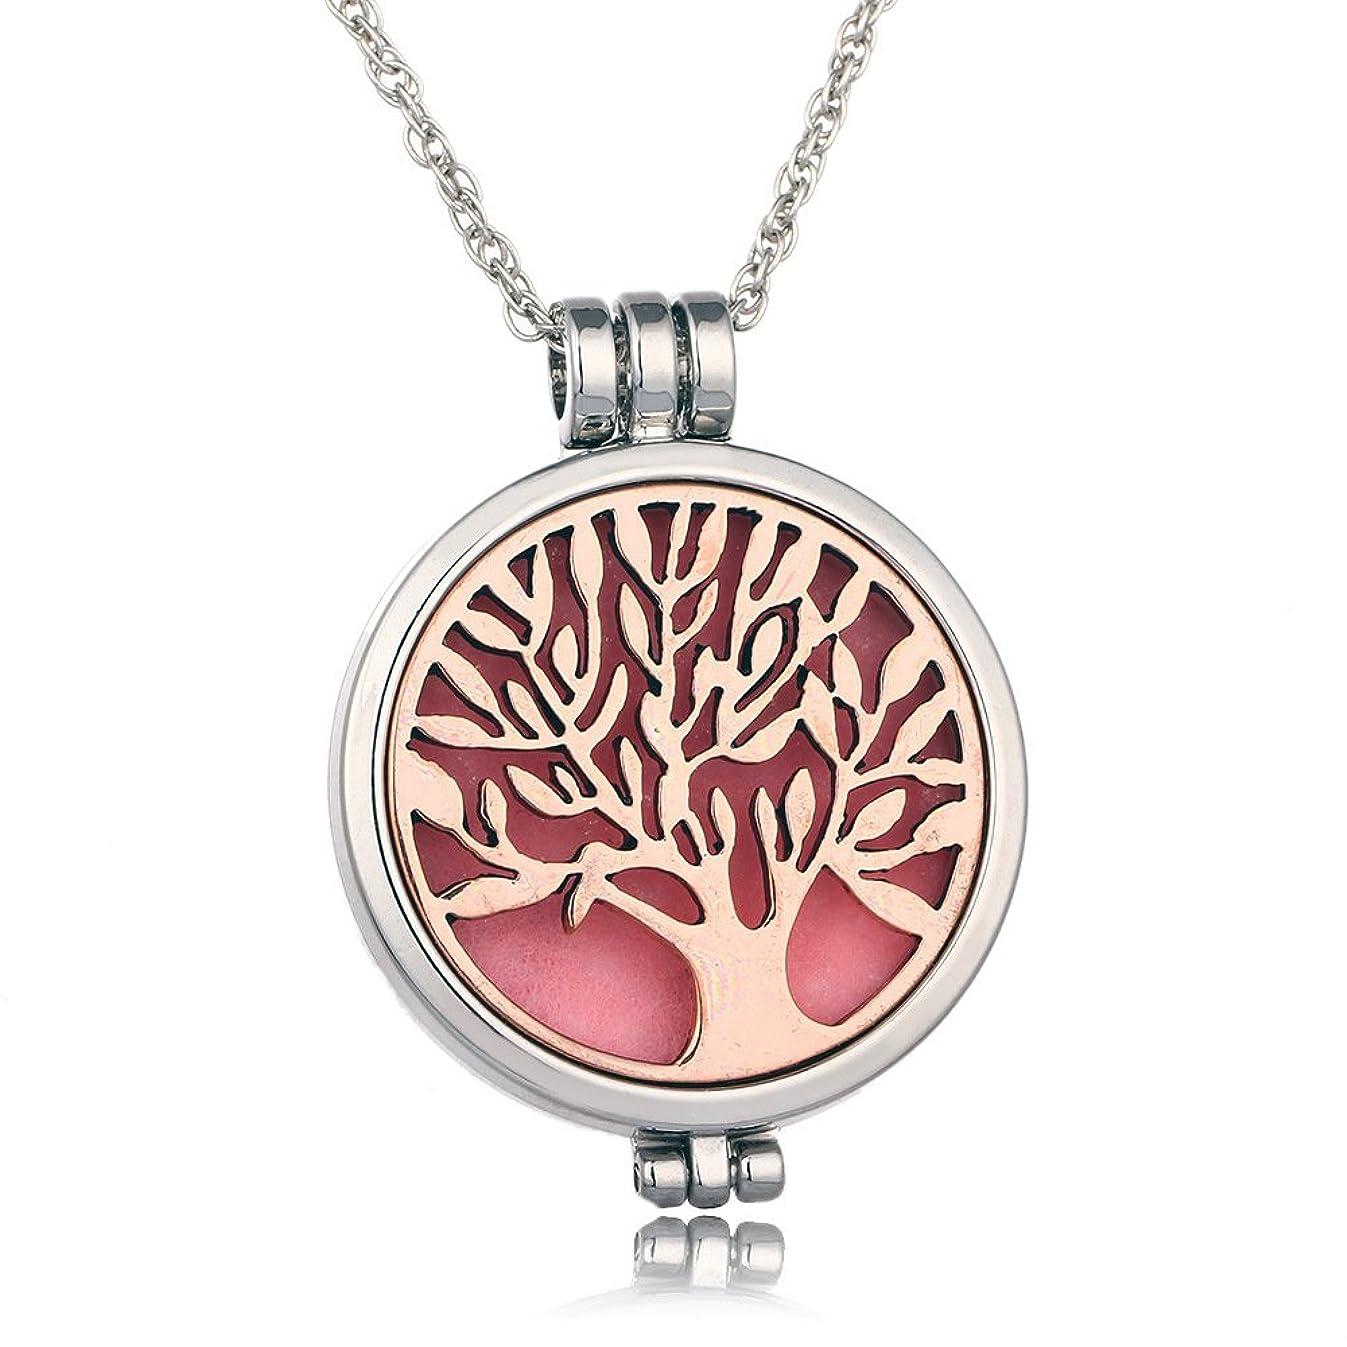 笑ラオス人宿題The Tree Of Life ,光FragranceネックレスEssential Oil Diffuser with 6フェルトパッド